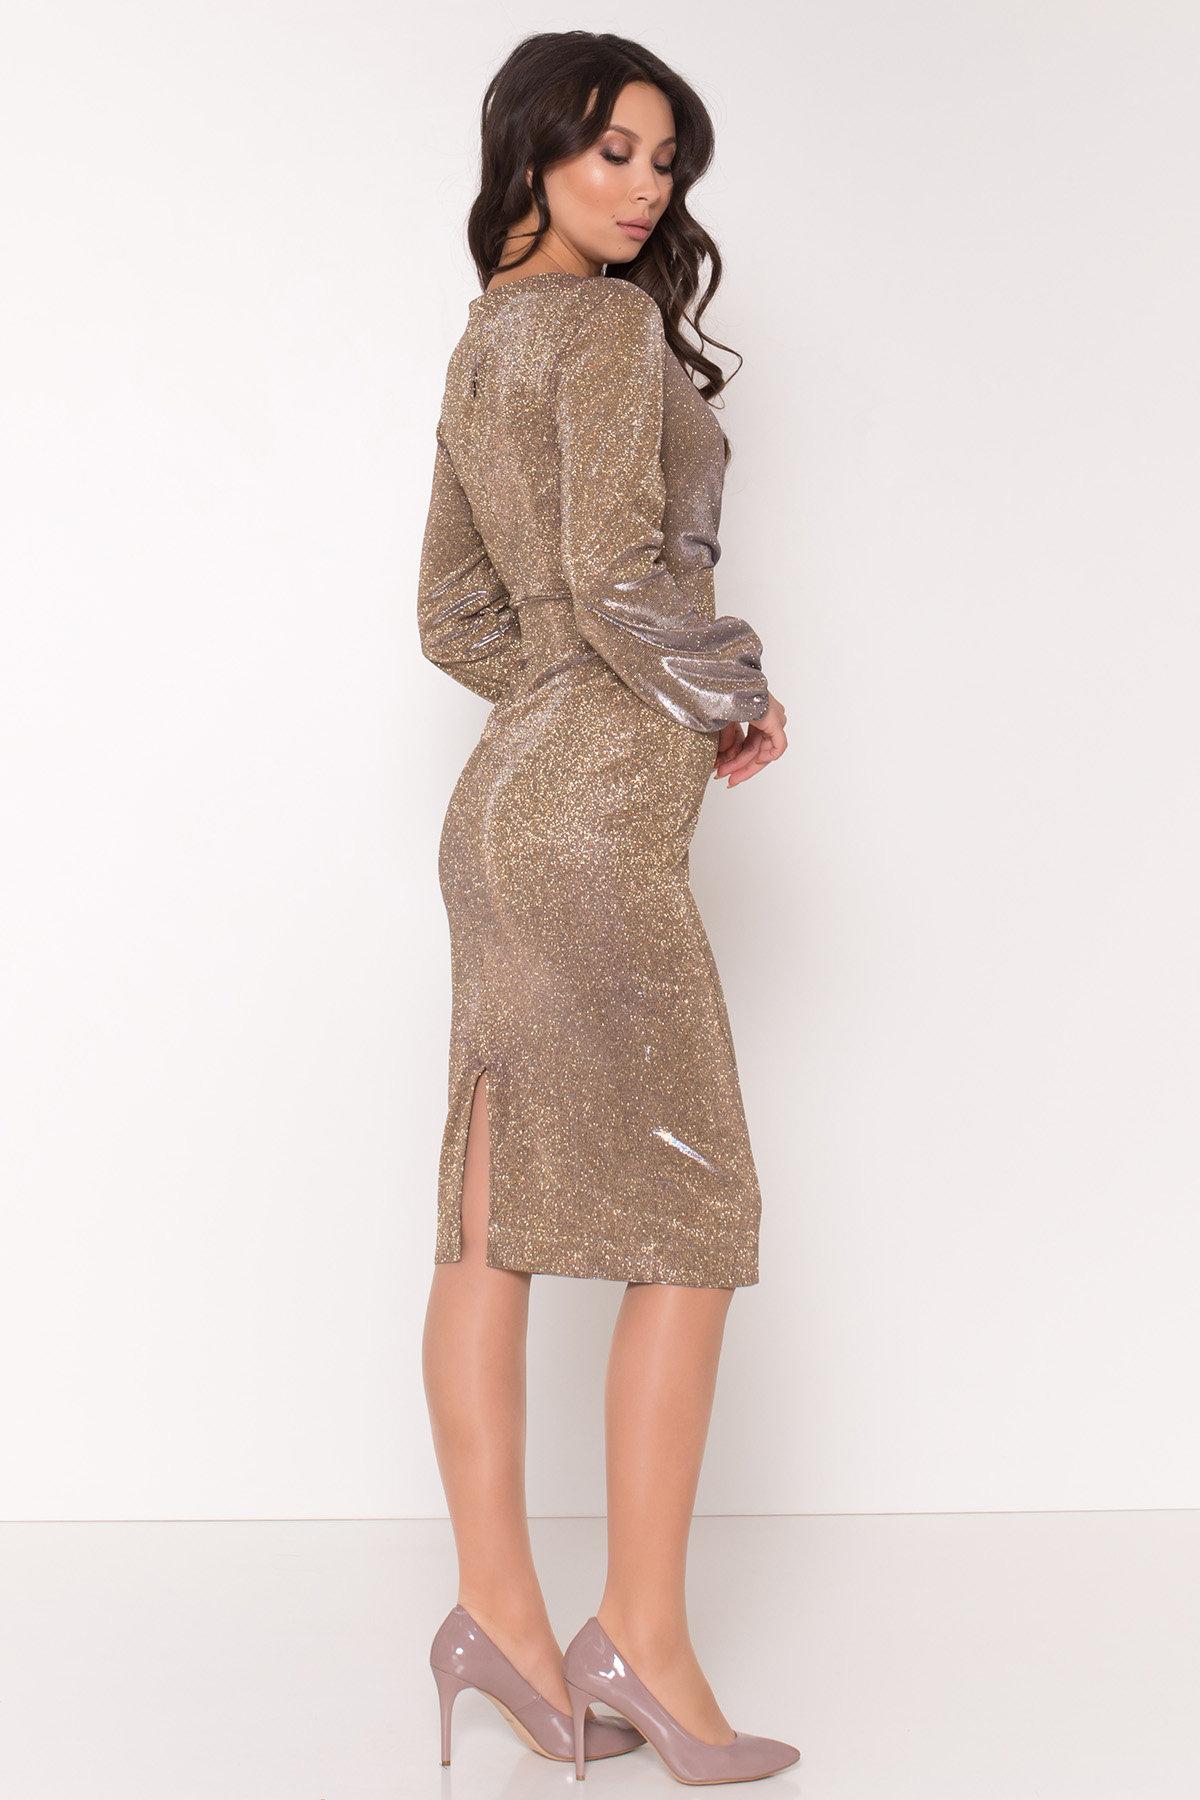 Нарядное платье с люрексом Фаселис 8527 АРТ. 44894 Цвет: Золото/серебро - фото 4, интернет магазин tm-modus.ru